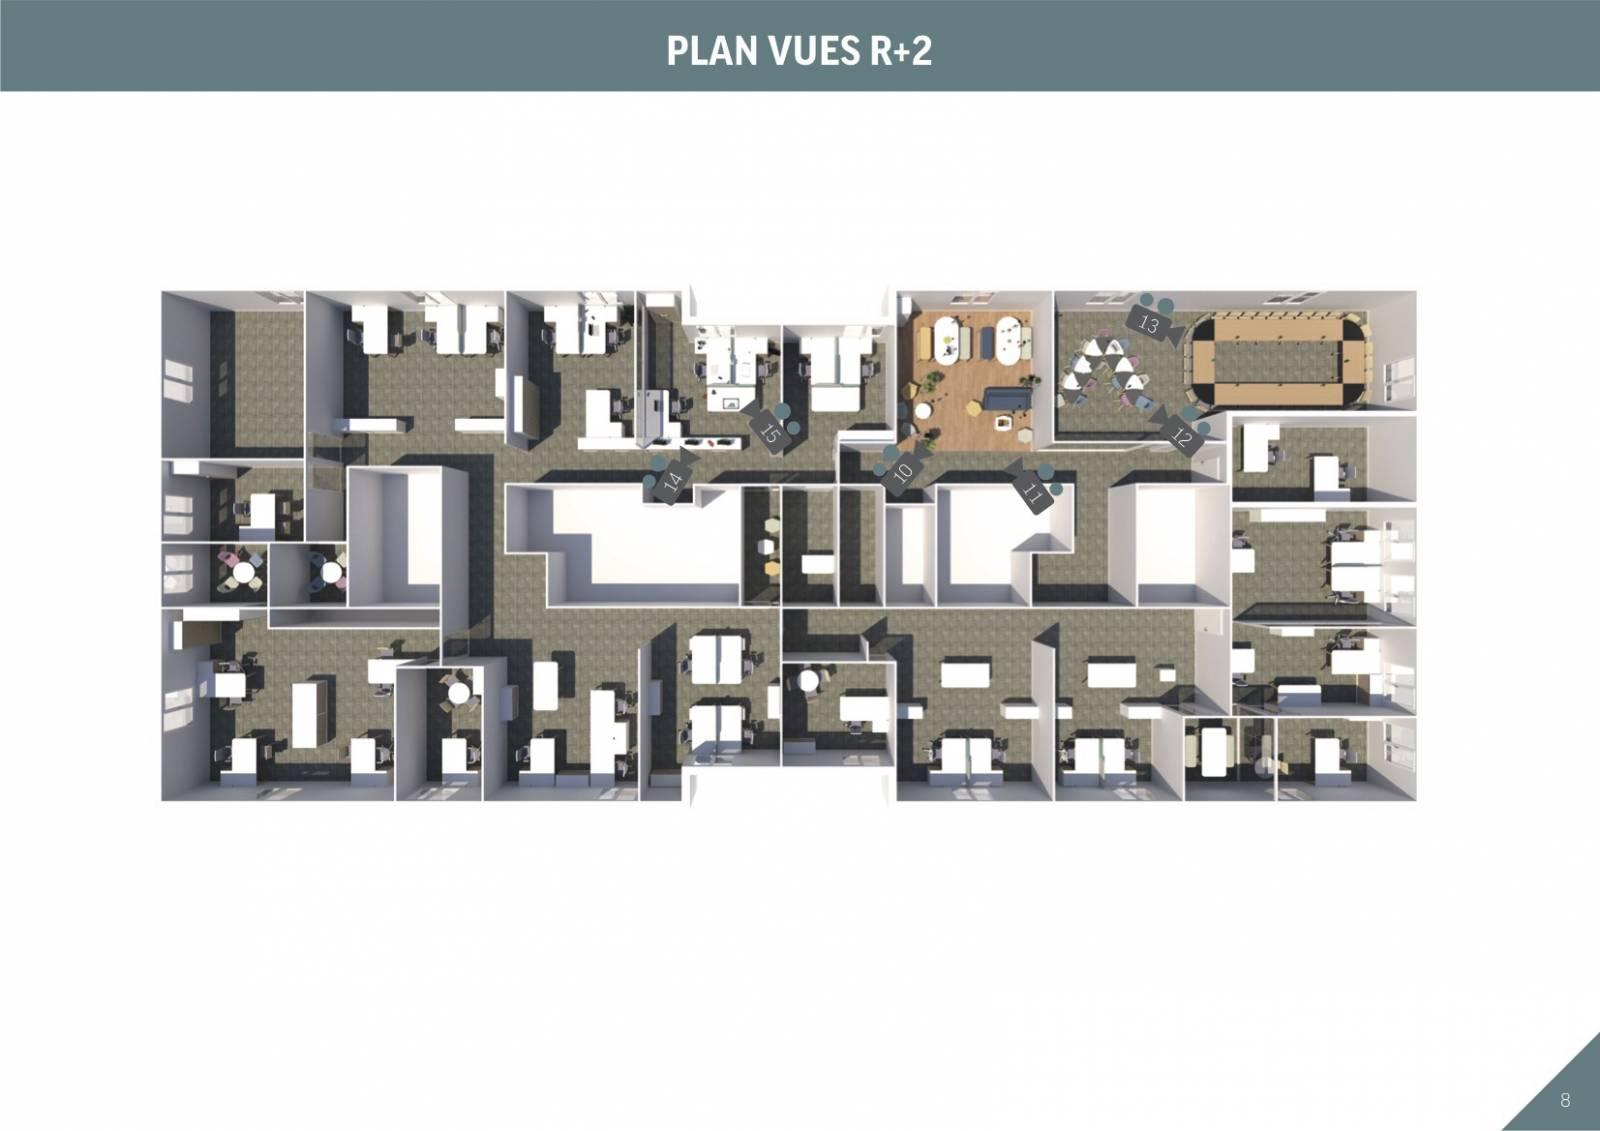 Axonométrie R+2 Avec implantation du mobilier et des open space